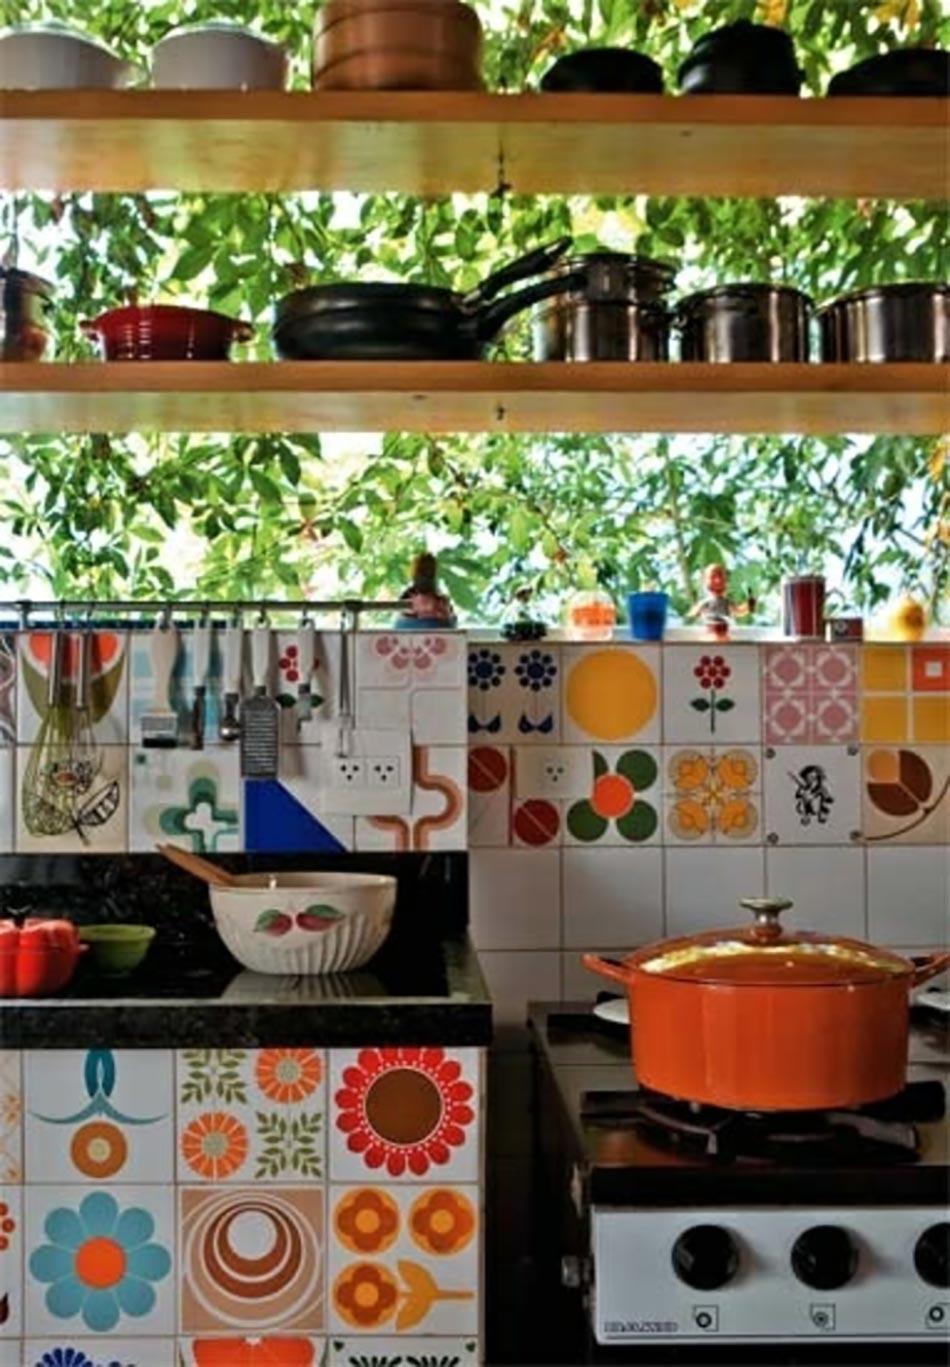 15 id es multicolores pour cr er une cuisine moderne l for Deco pour cuisine moderne